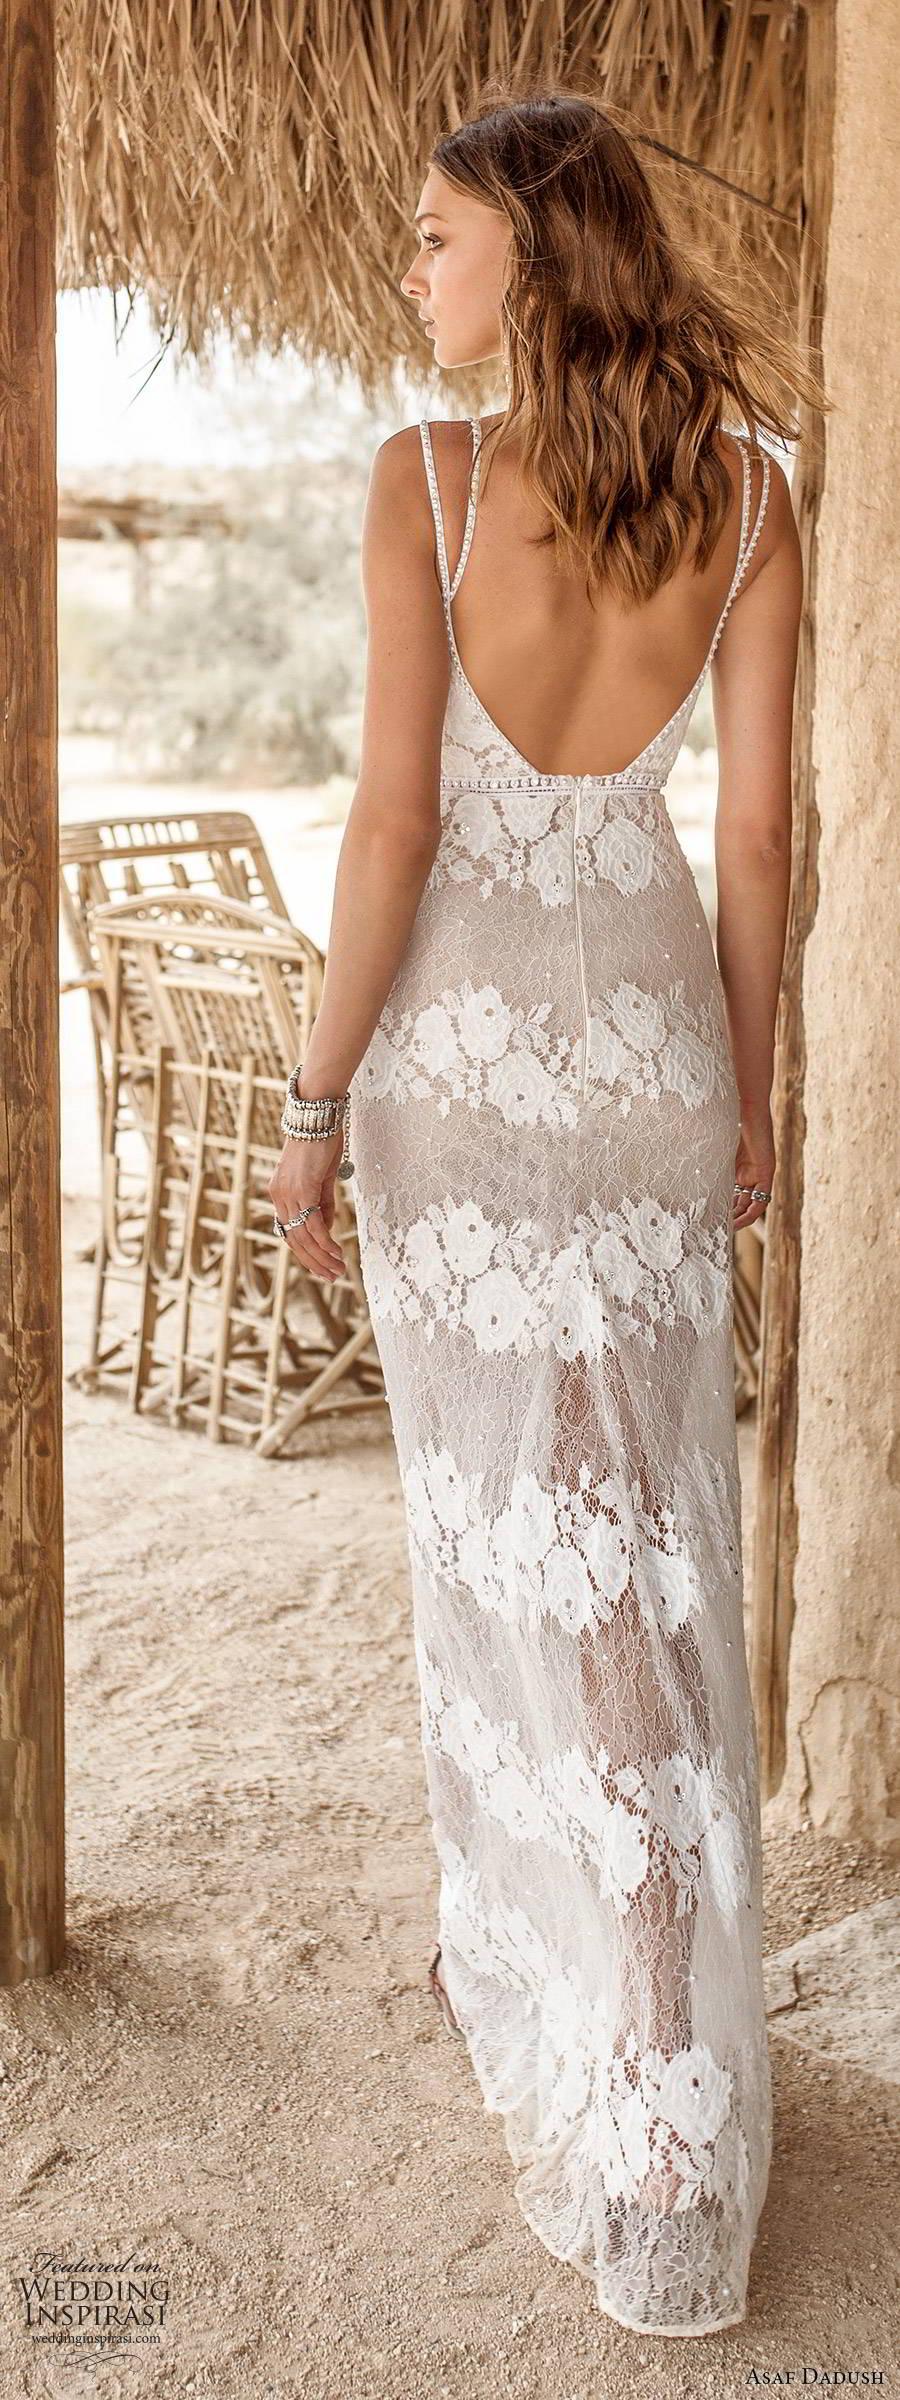 asaf dadush 2019 bridal sleeveless thin straps sweetheart neckline fully embellished lace sexy sheath wedding dress scoop back (2) bv